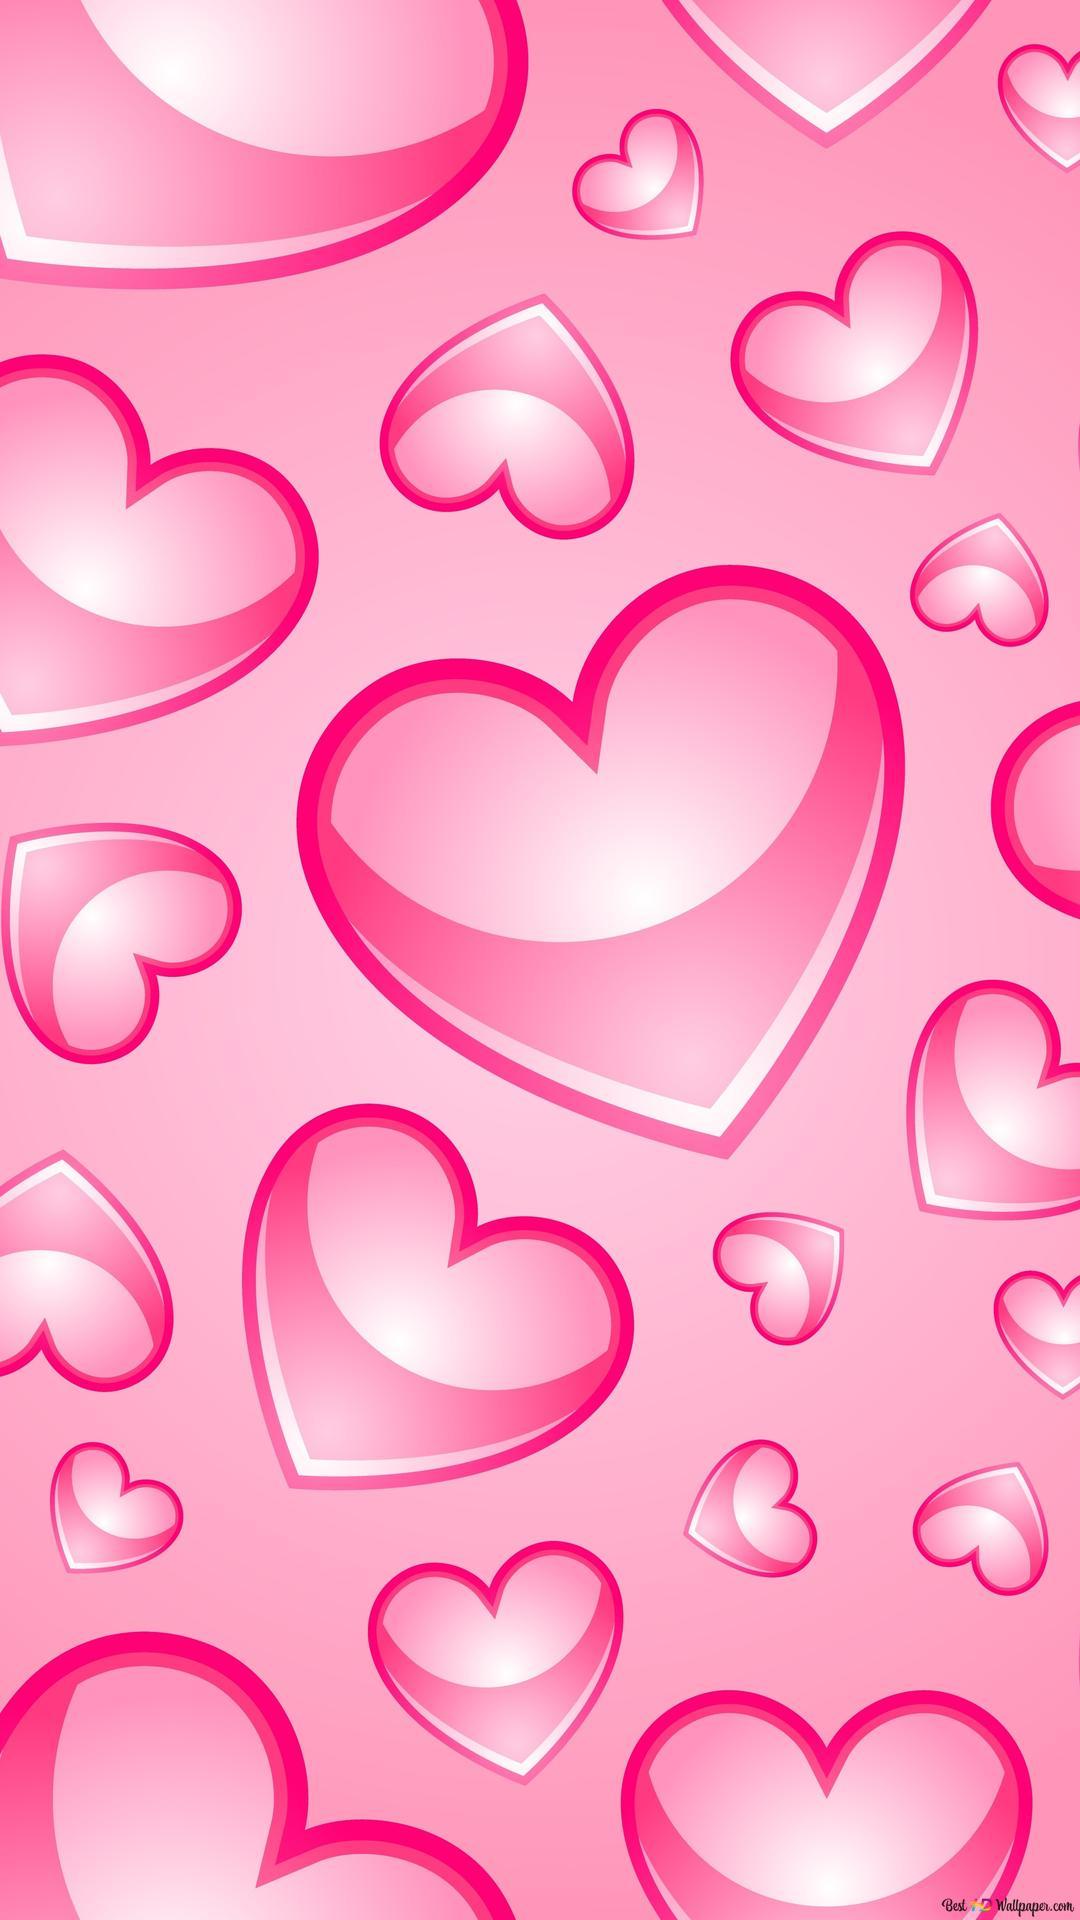 バレンタインデー 素敵なピンクのハートの芸術 Hd壁紙のダウンロード